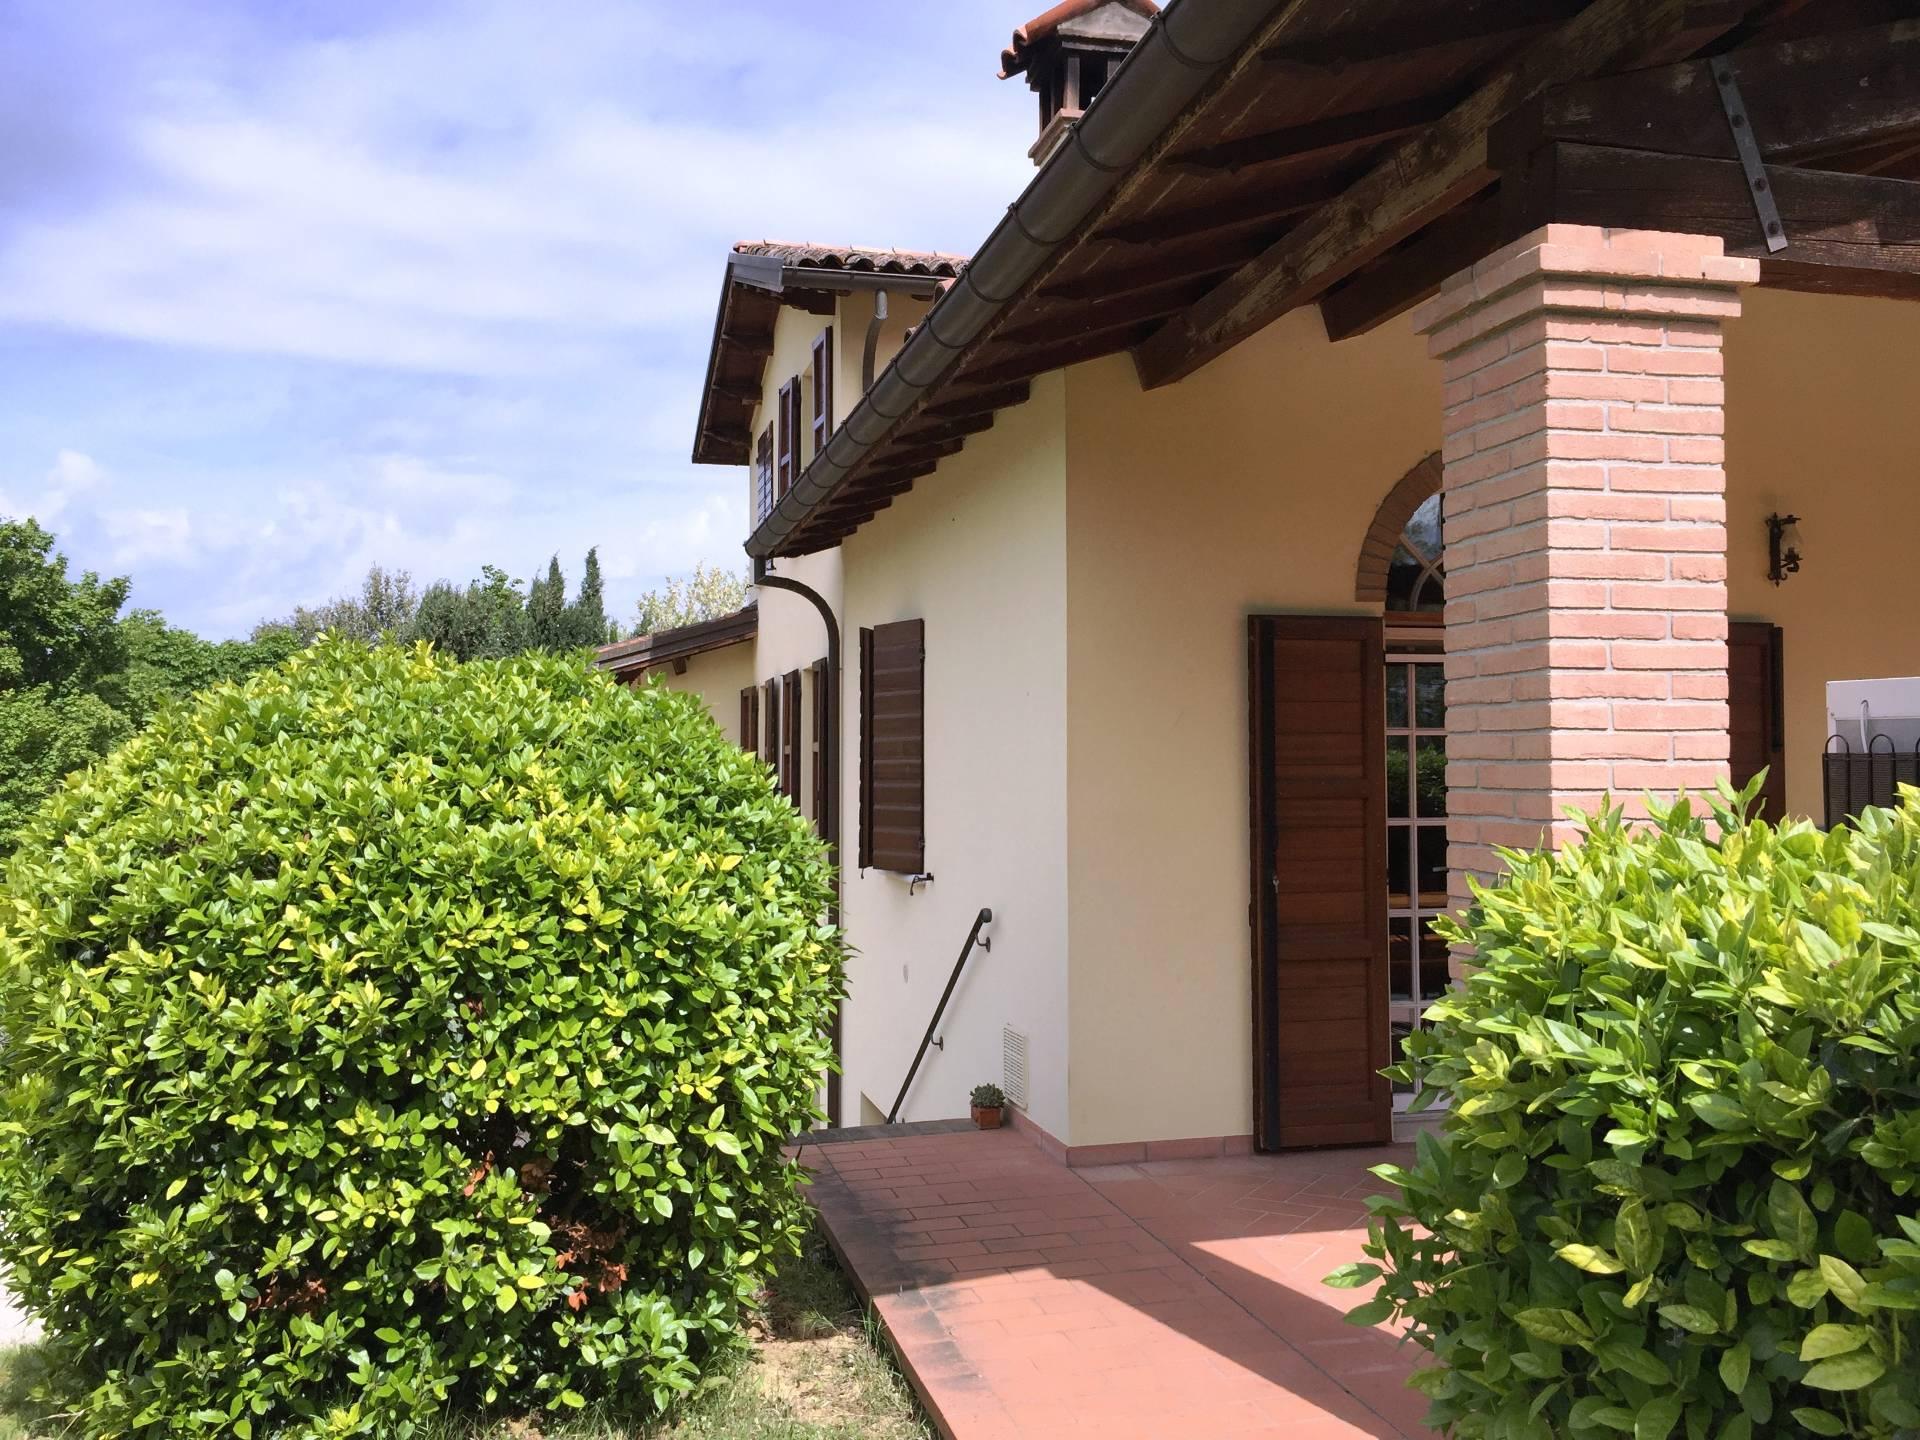 Rustico / Casale in vendita a Faenza, 10 locali, prezzo € 490.000 | Cambio Casa.it